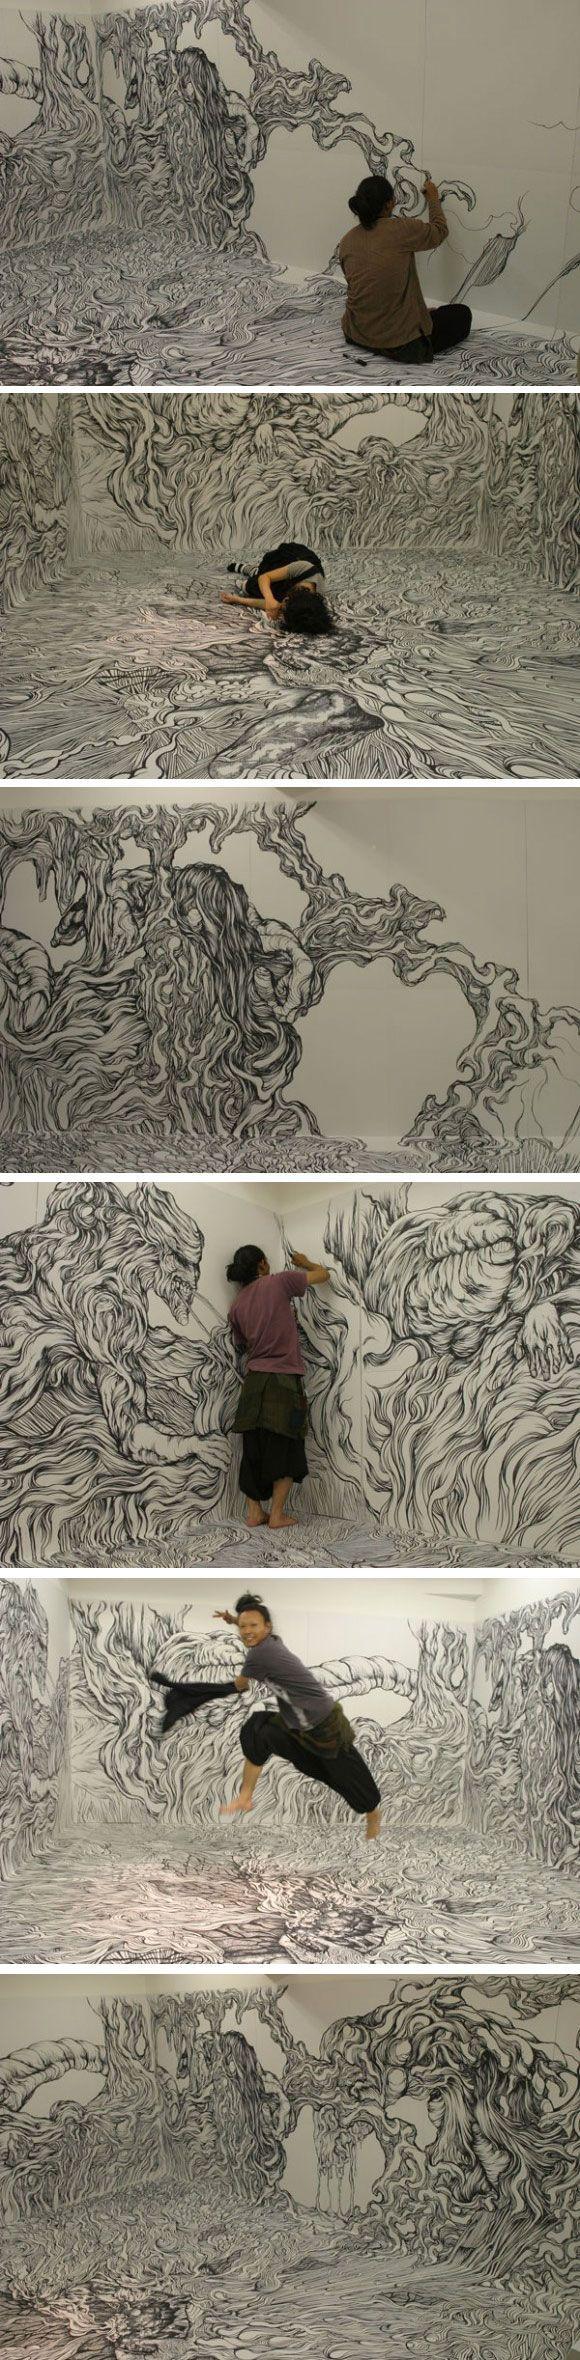 Une incroyable pièce totalement illustrée au marqueur par l'artiste japonais Yosuke Goda.: